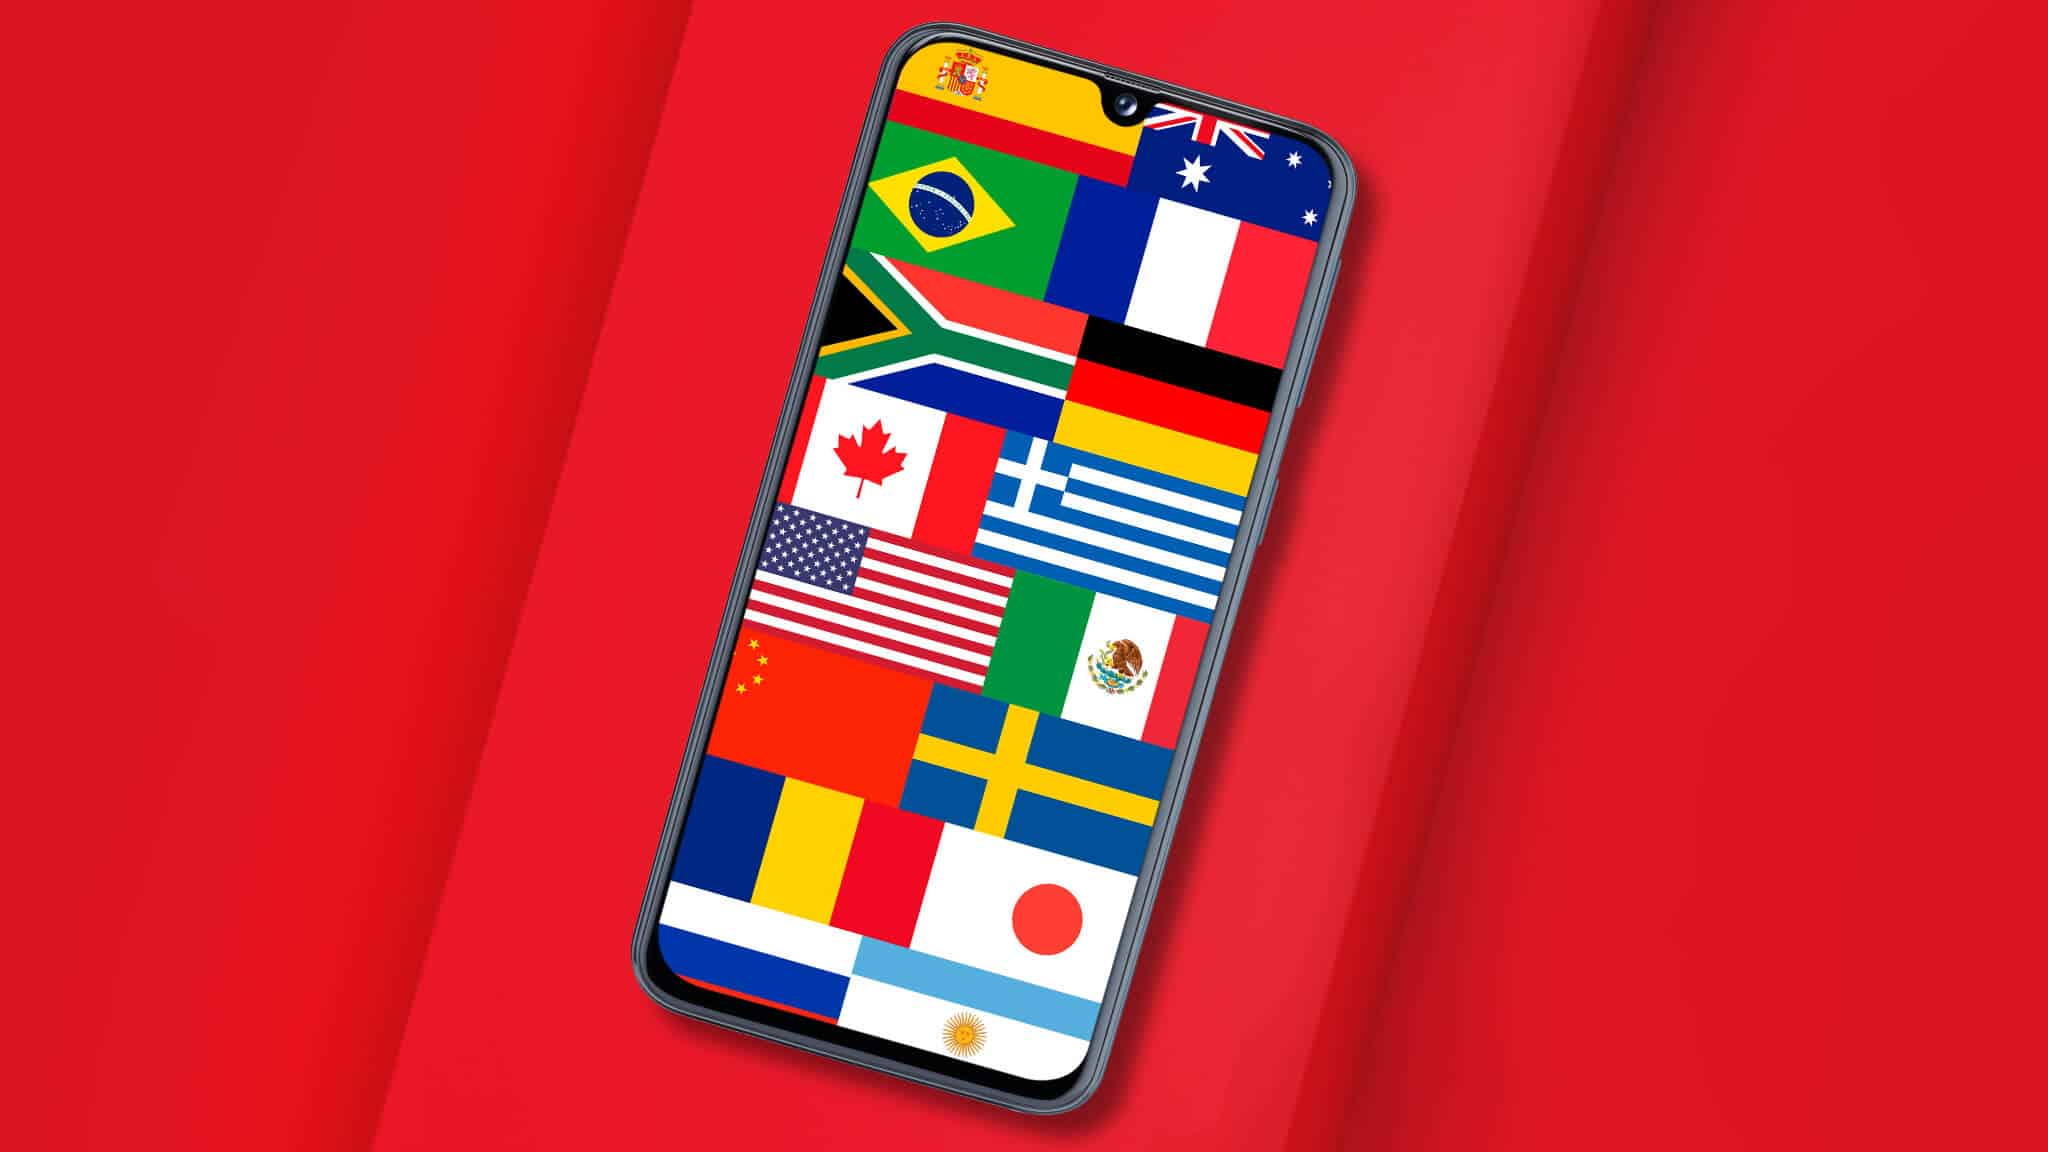 Daftar-Kode-Telpon-Internasional-Lengkap